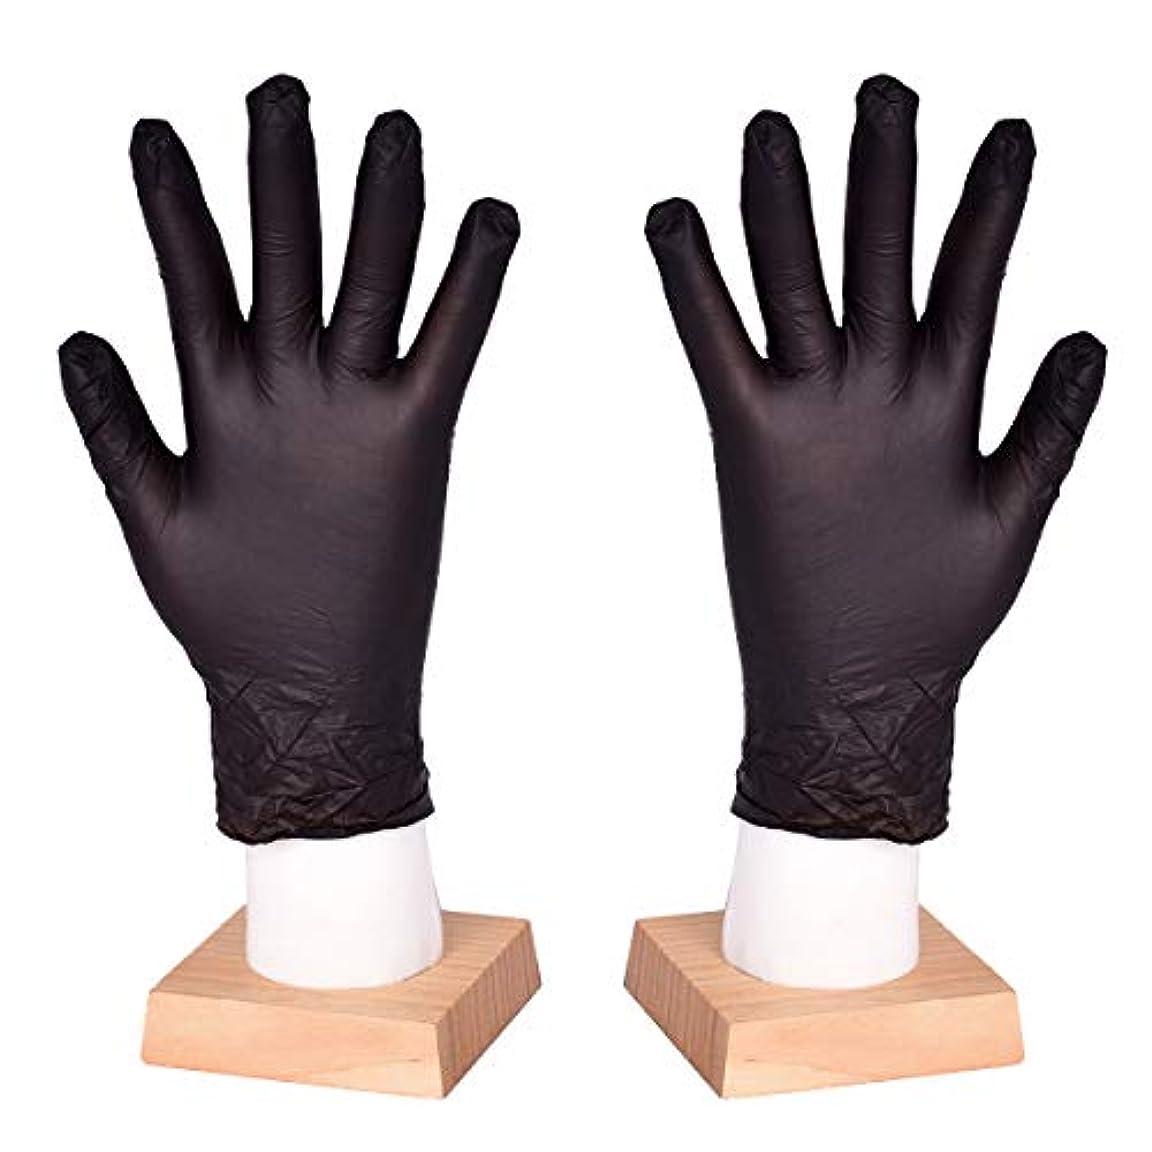 [FJTK]使い捨て手袋 滑りにくい 超弾性 多用途 黒 100枚入 (S)